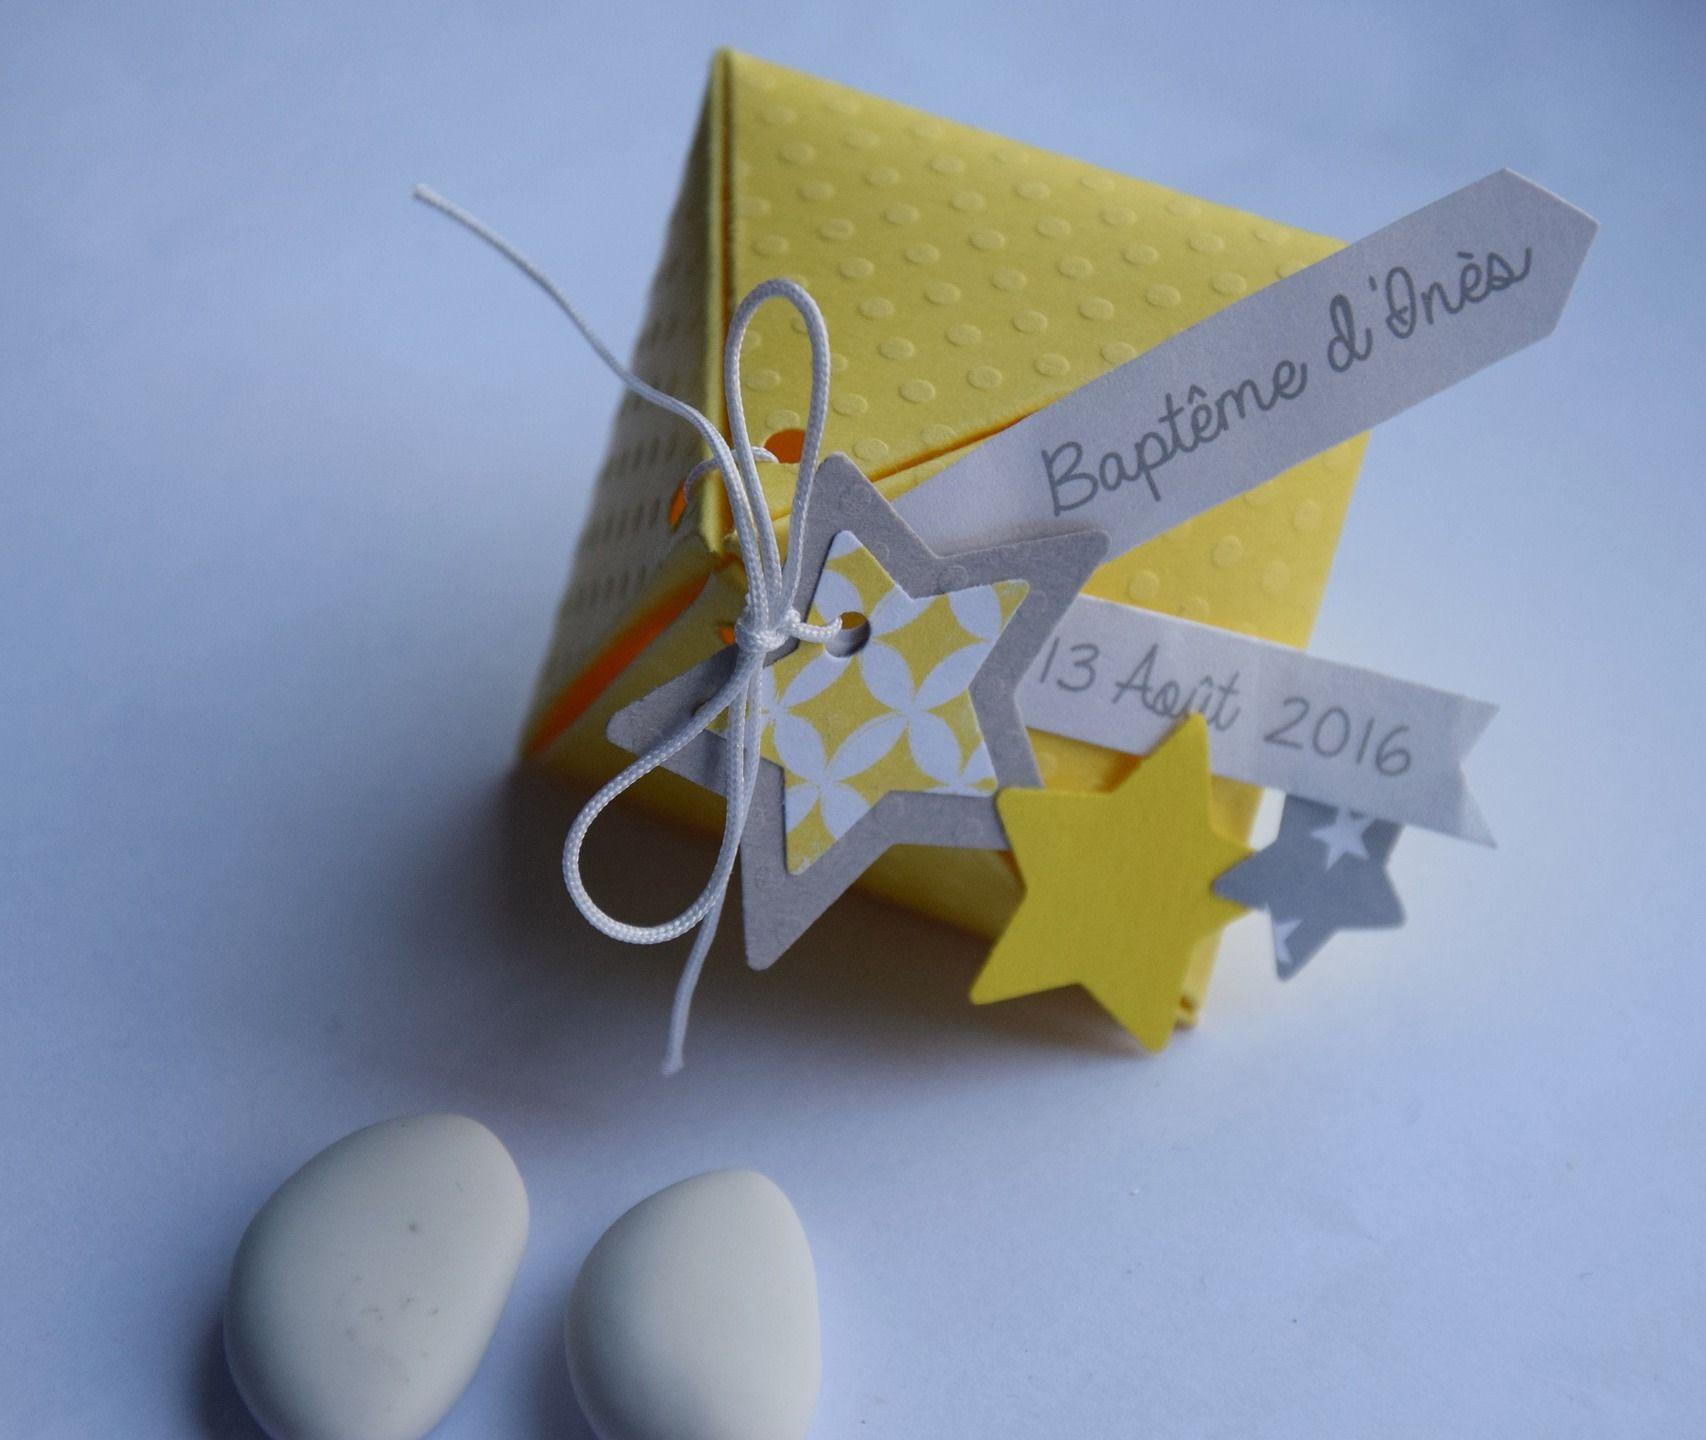 boite drag es bapt me mariage toile jaune et gris cadeaux de remerciement remerciement. Black Bedroom Furniture Sets. Home Design Ideas